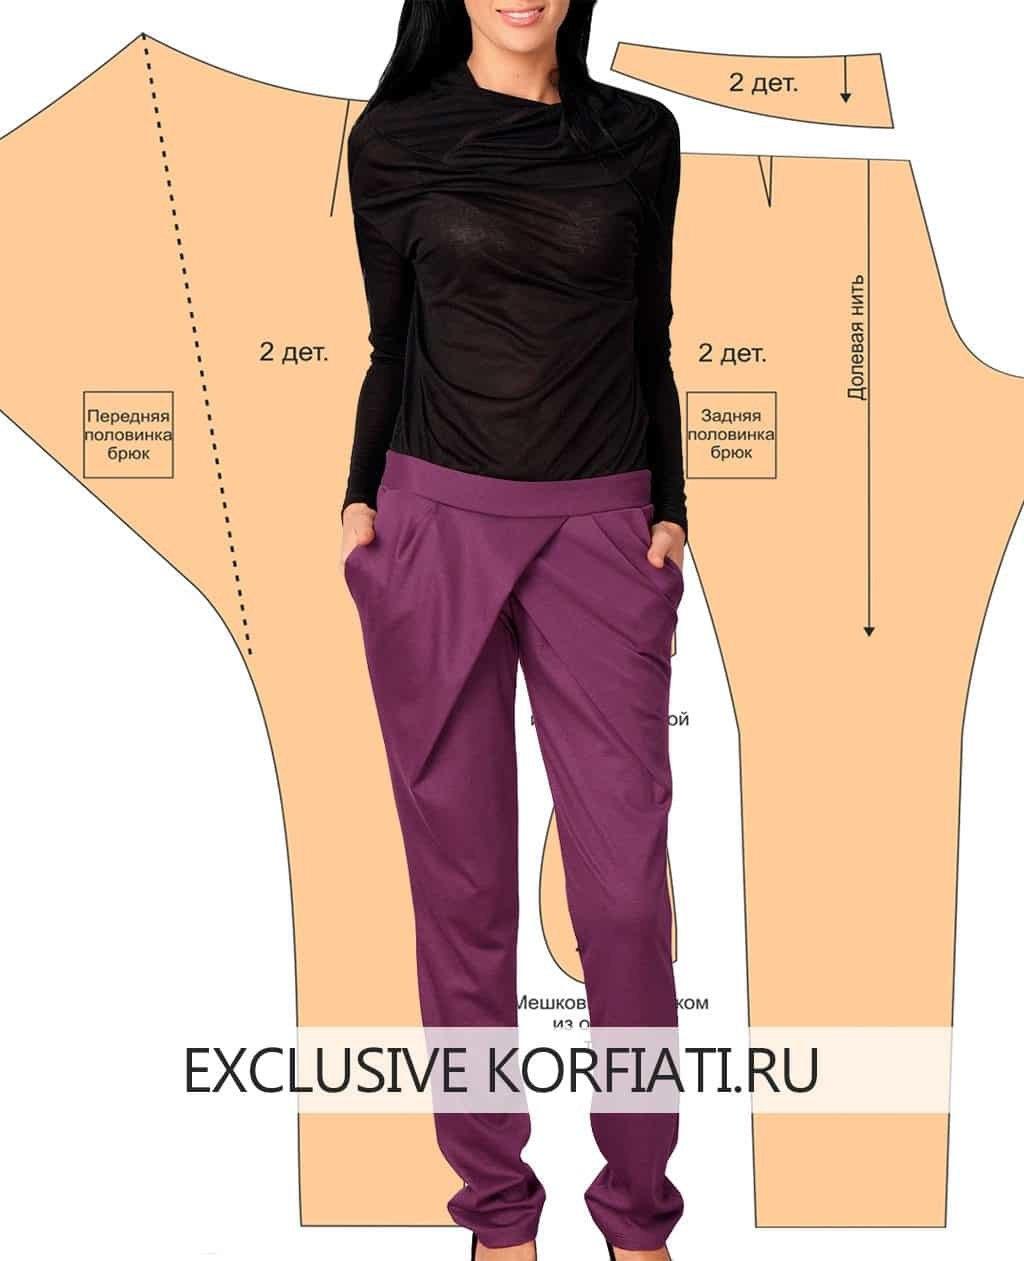 Модные женские брюки сшить